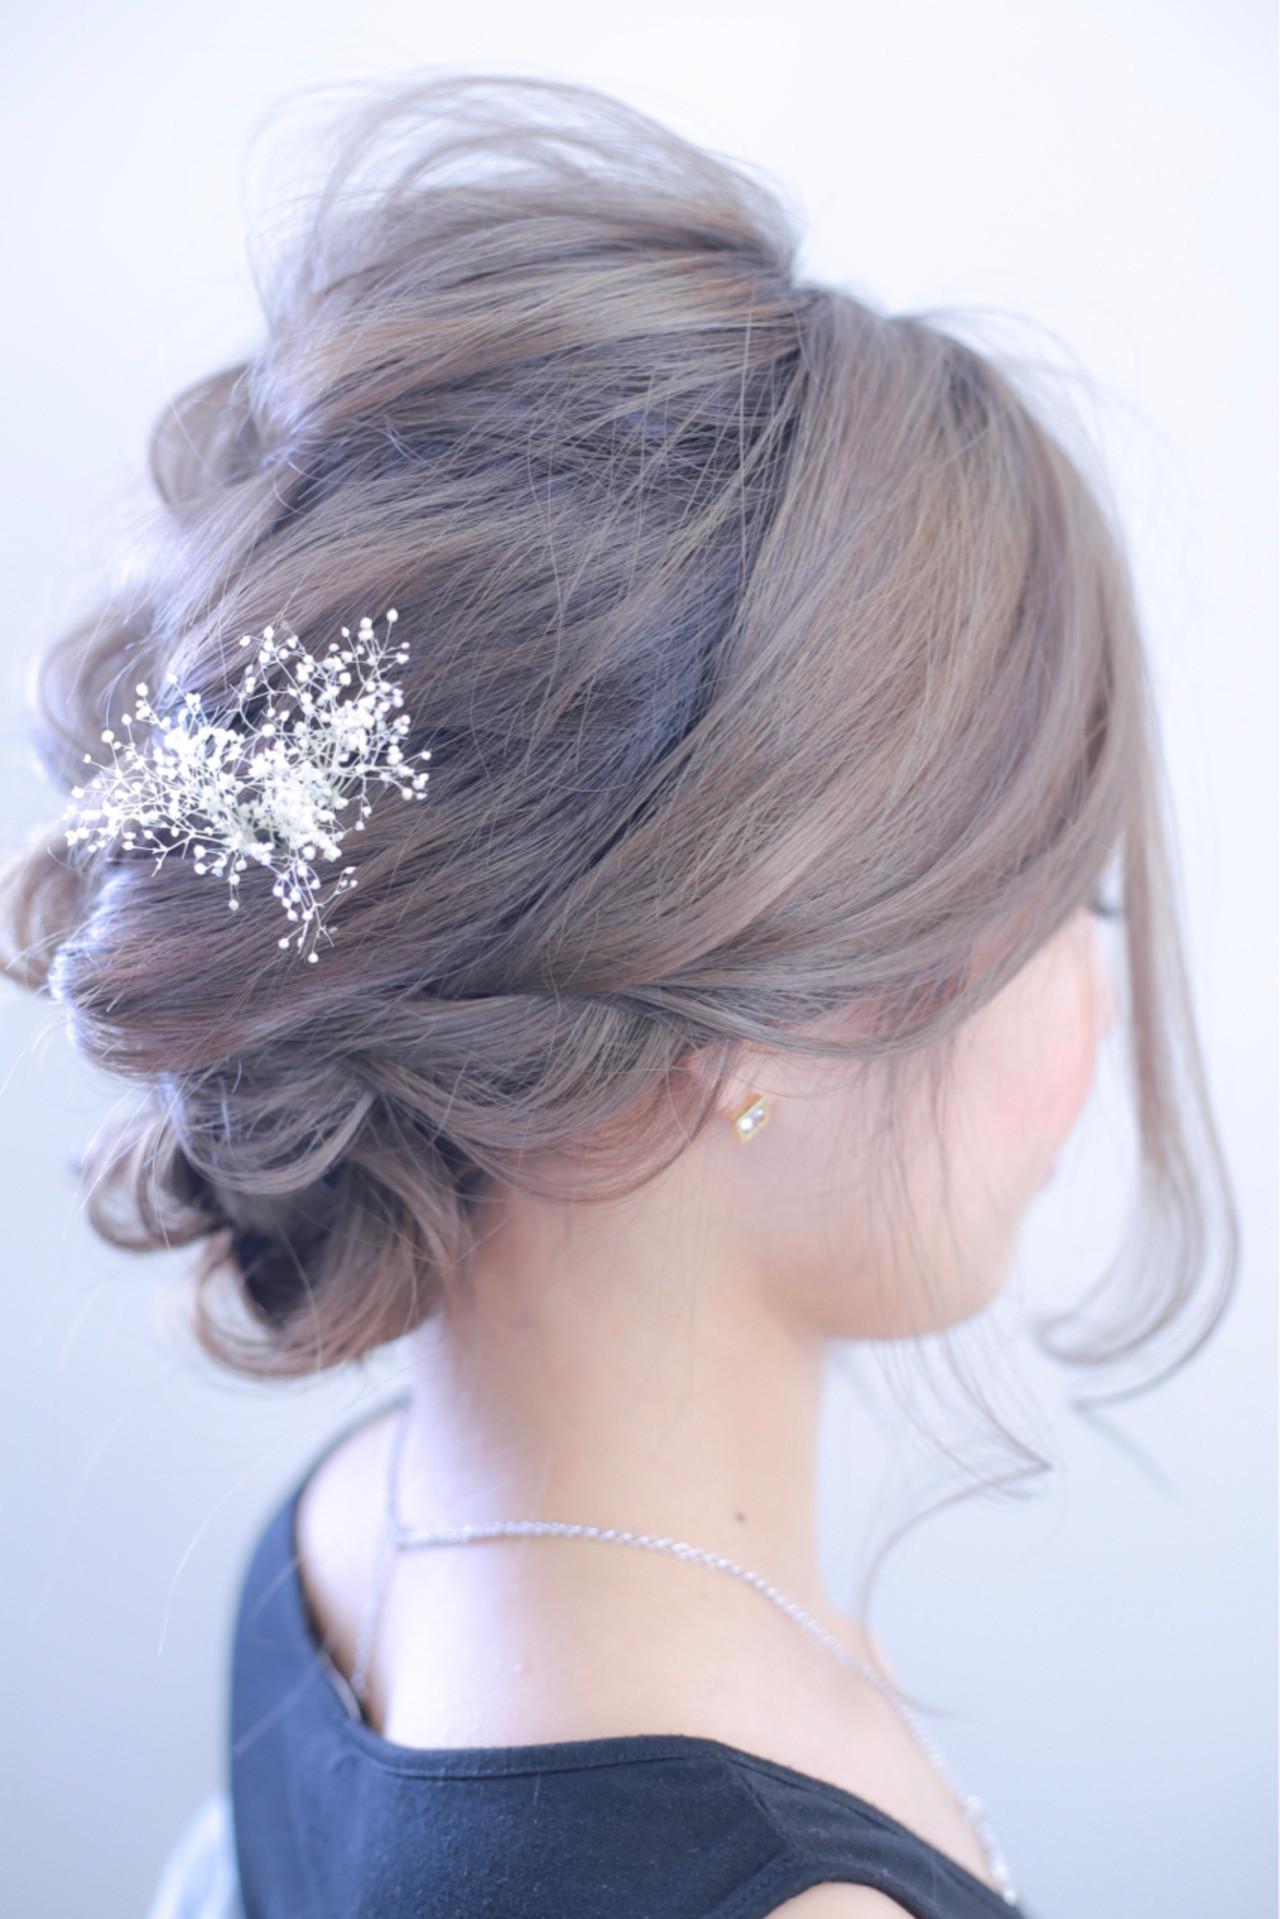 上品 グレーアッシュ 結婚式 エレガント ヘアスタイルや髪型の写真・画像